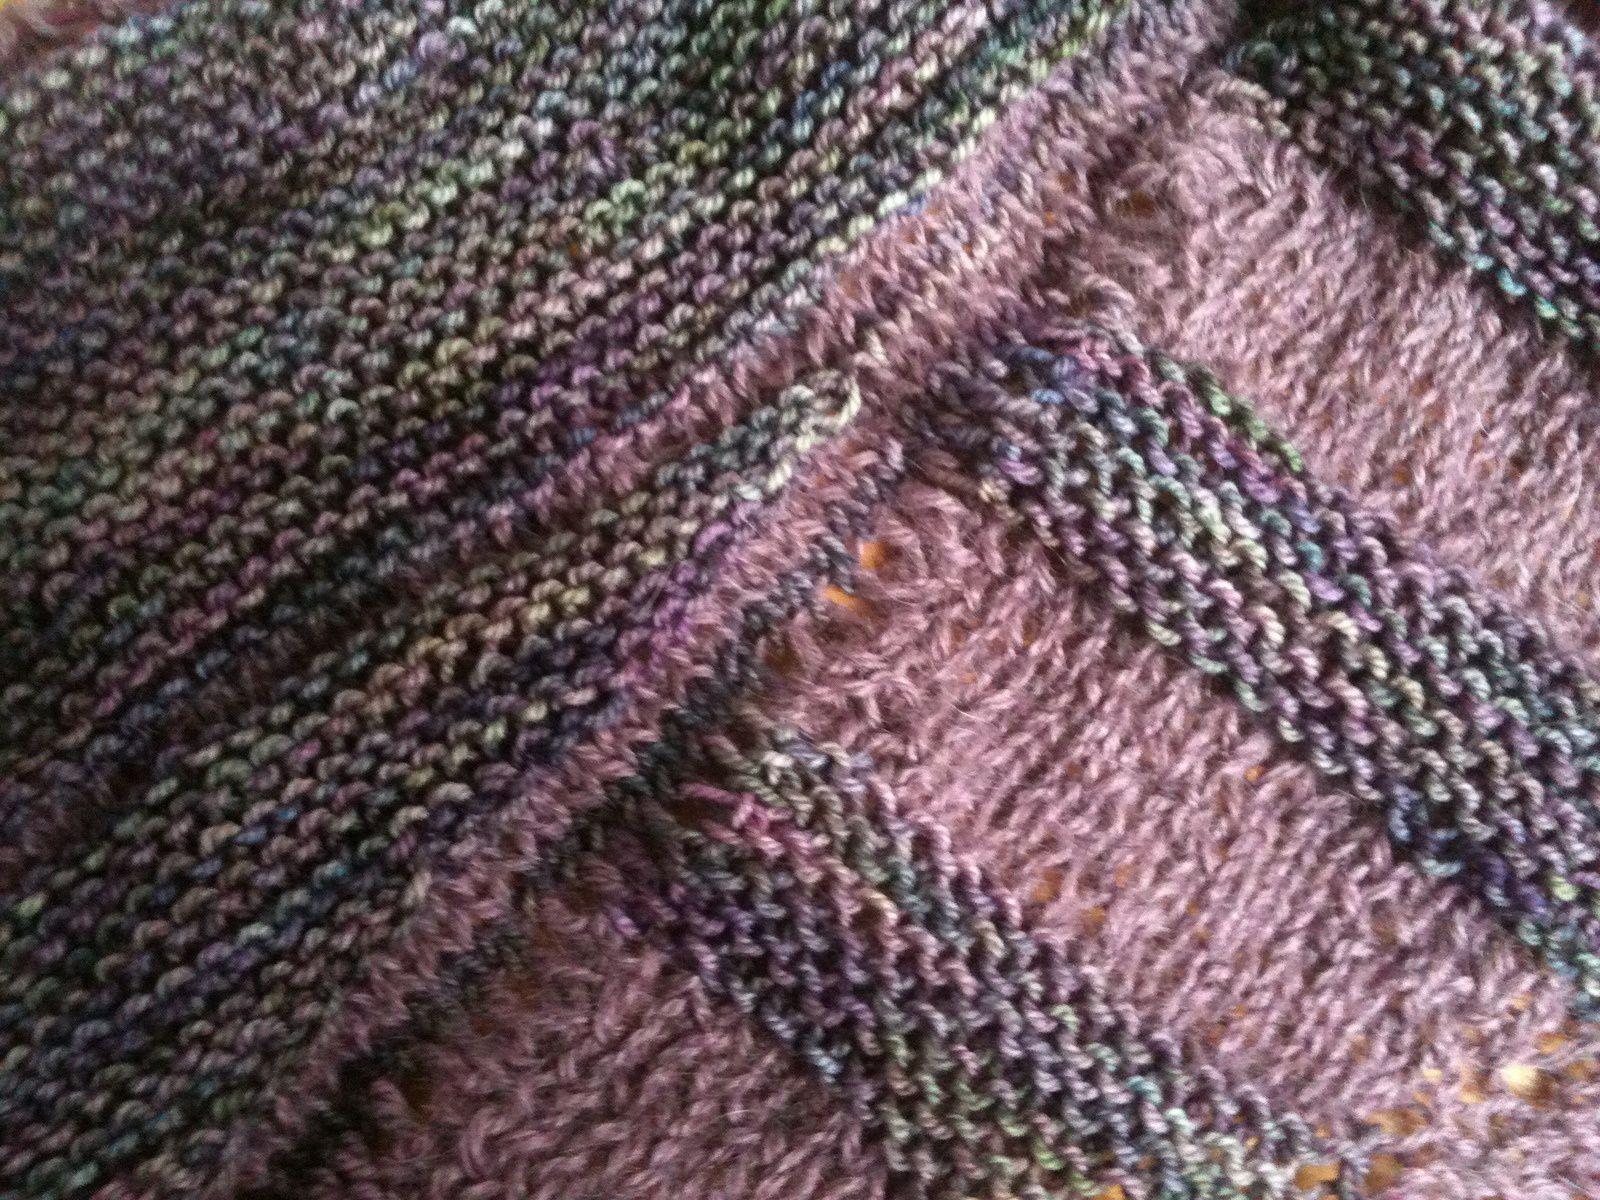 Genouillage-bricolage-tricotage